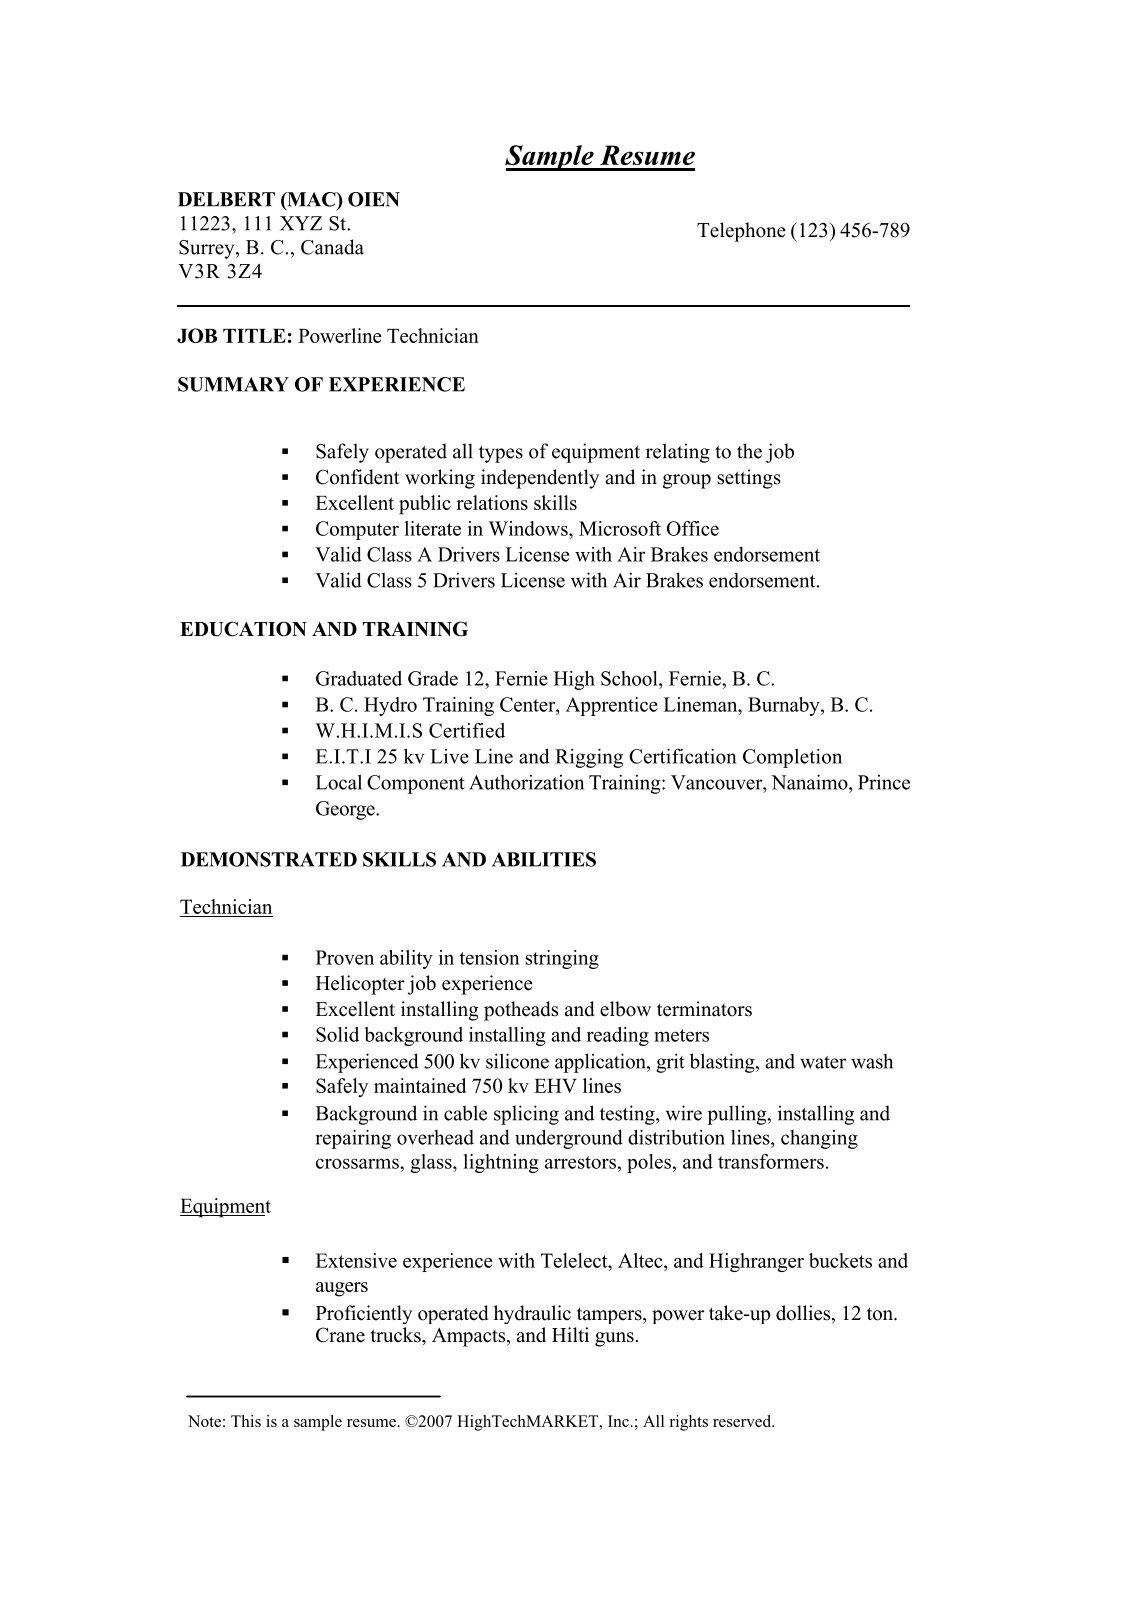 Perfecto Plantilla De Currículum Para Pilotos Modelo - Ejemplo De ...